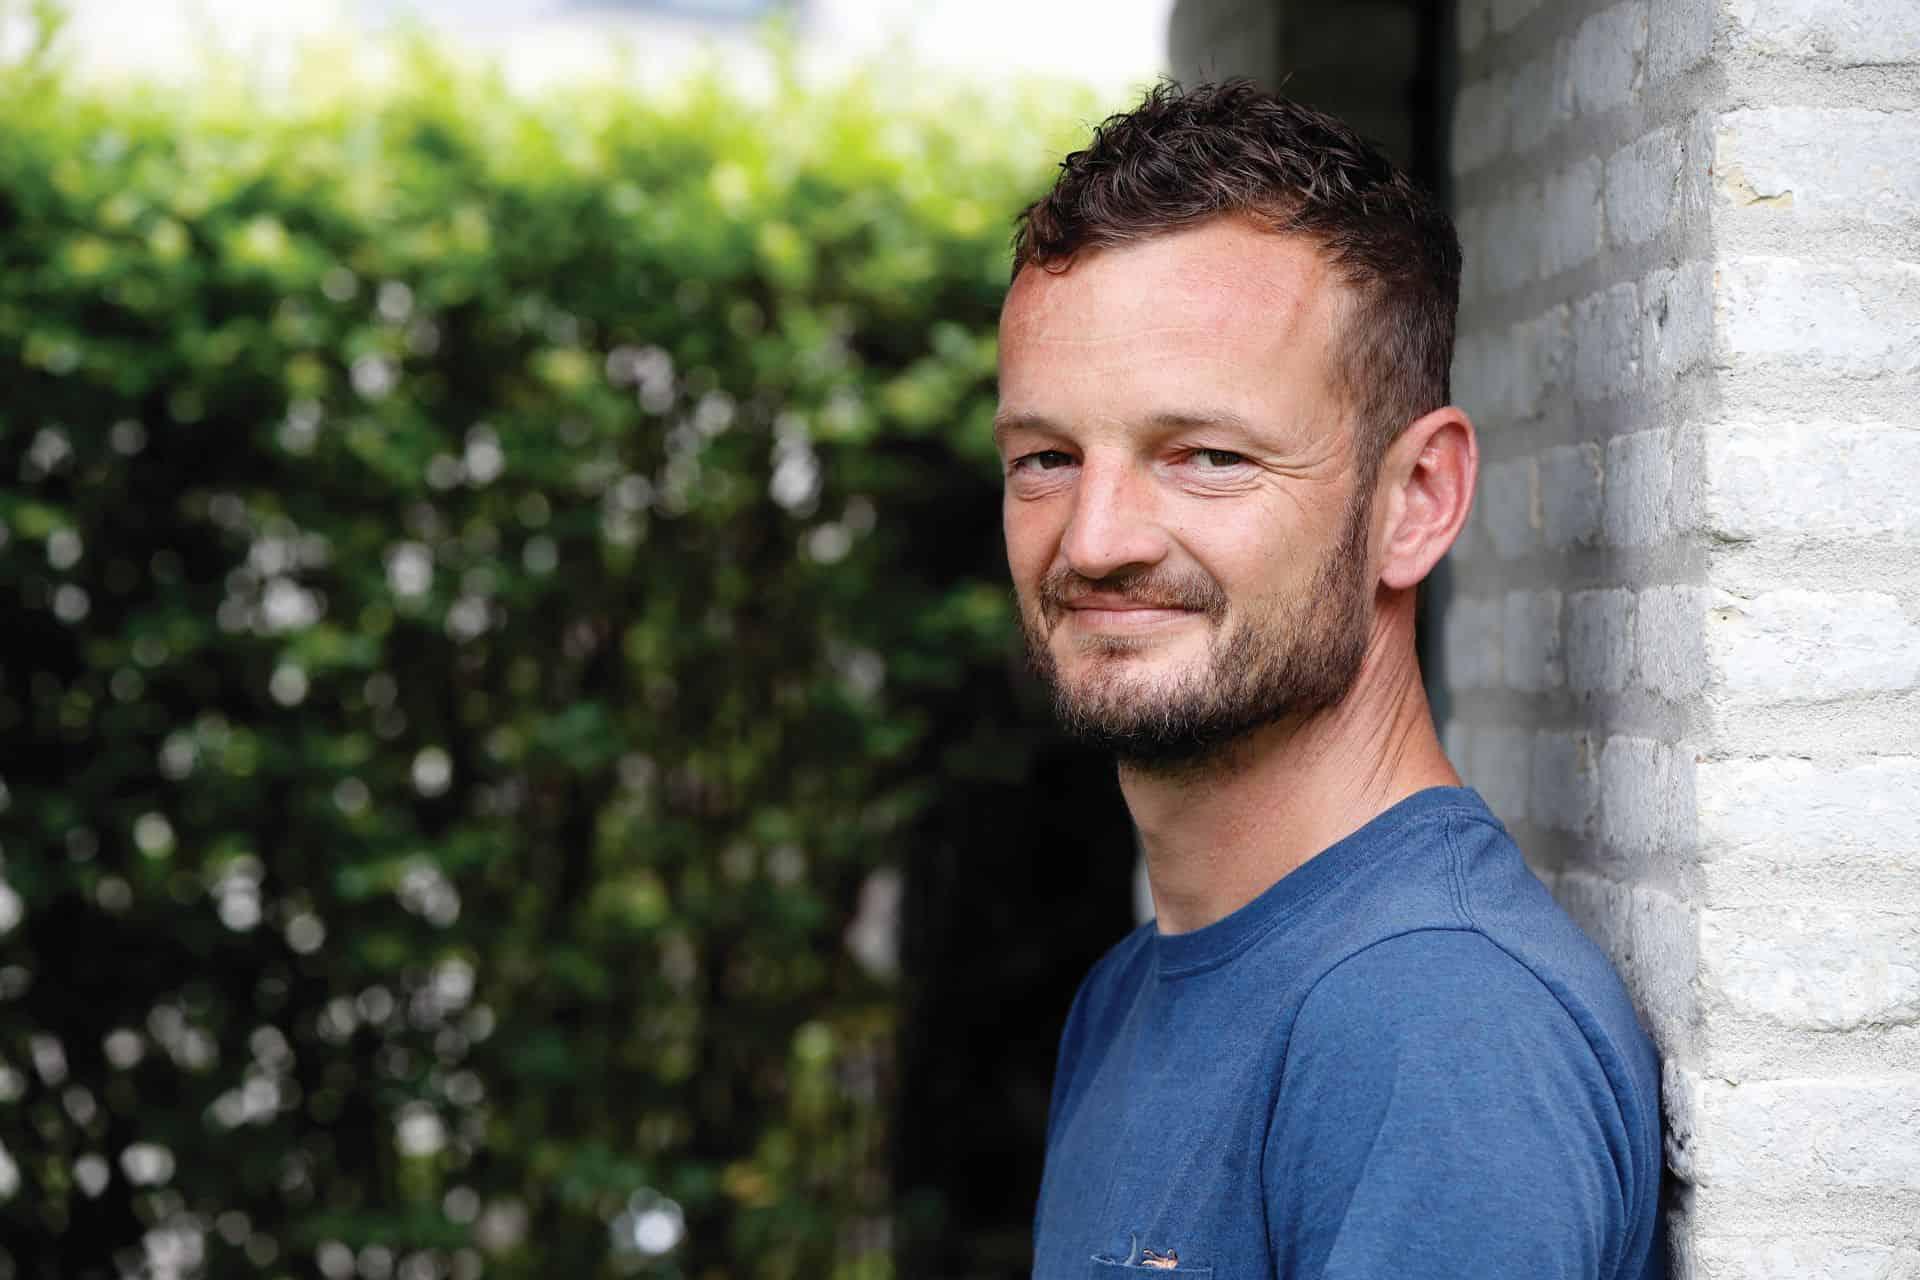 Piet Roelens geeft les in het buitengewoon onderwijs: 'Jammer dat de samenleving zo hard is voor wie anders is'